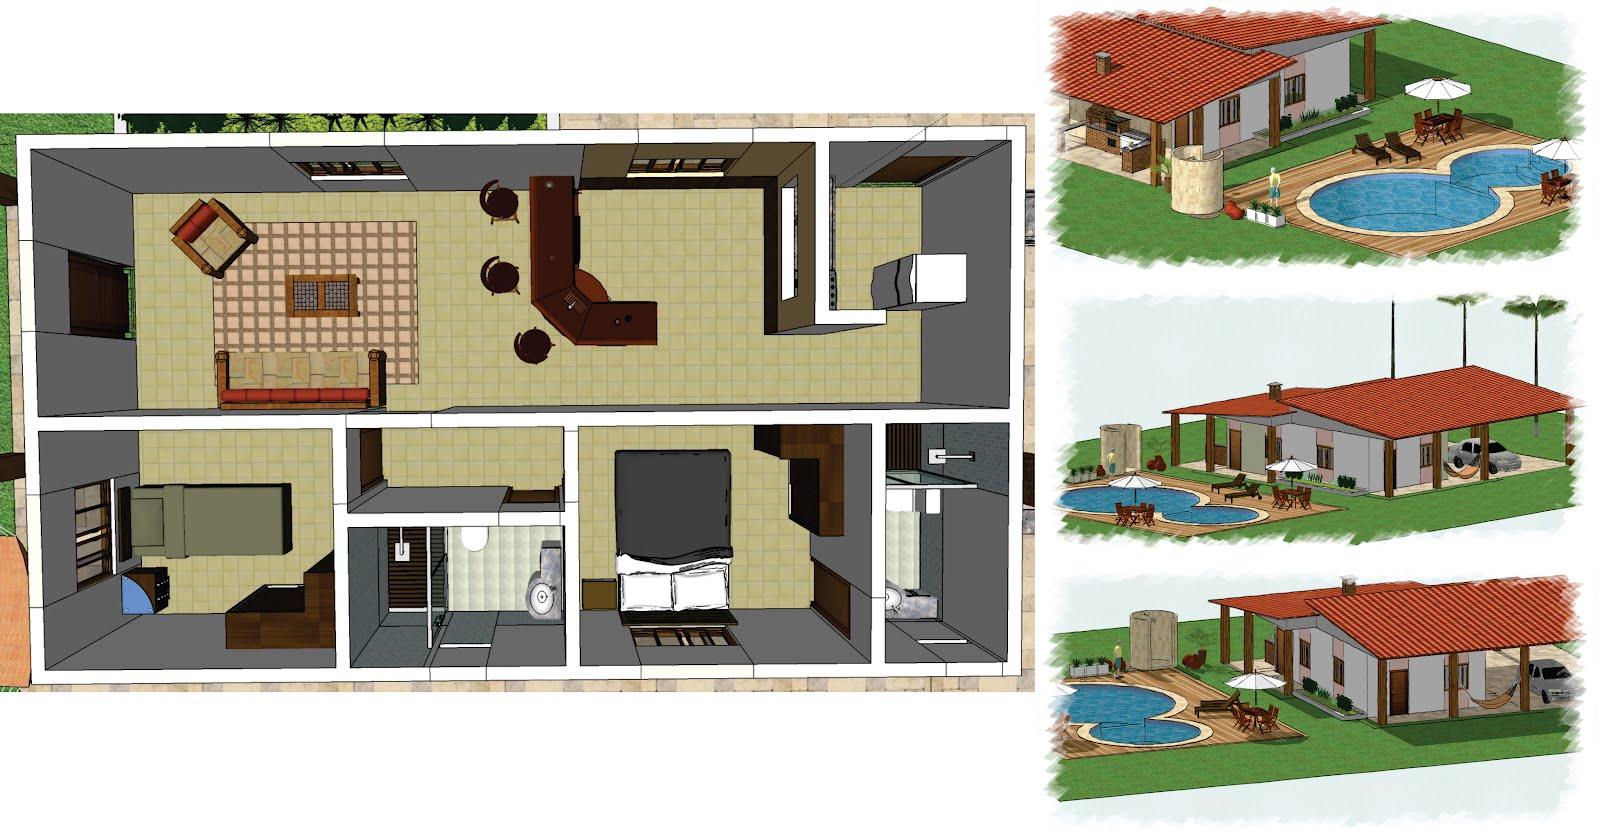 : Casa 1 suite • 1 quarto • sala • cozinha • banheiro  #87442C 1600 839